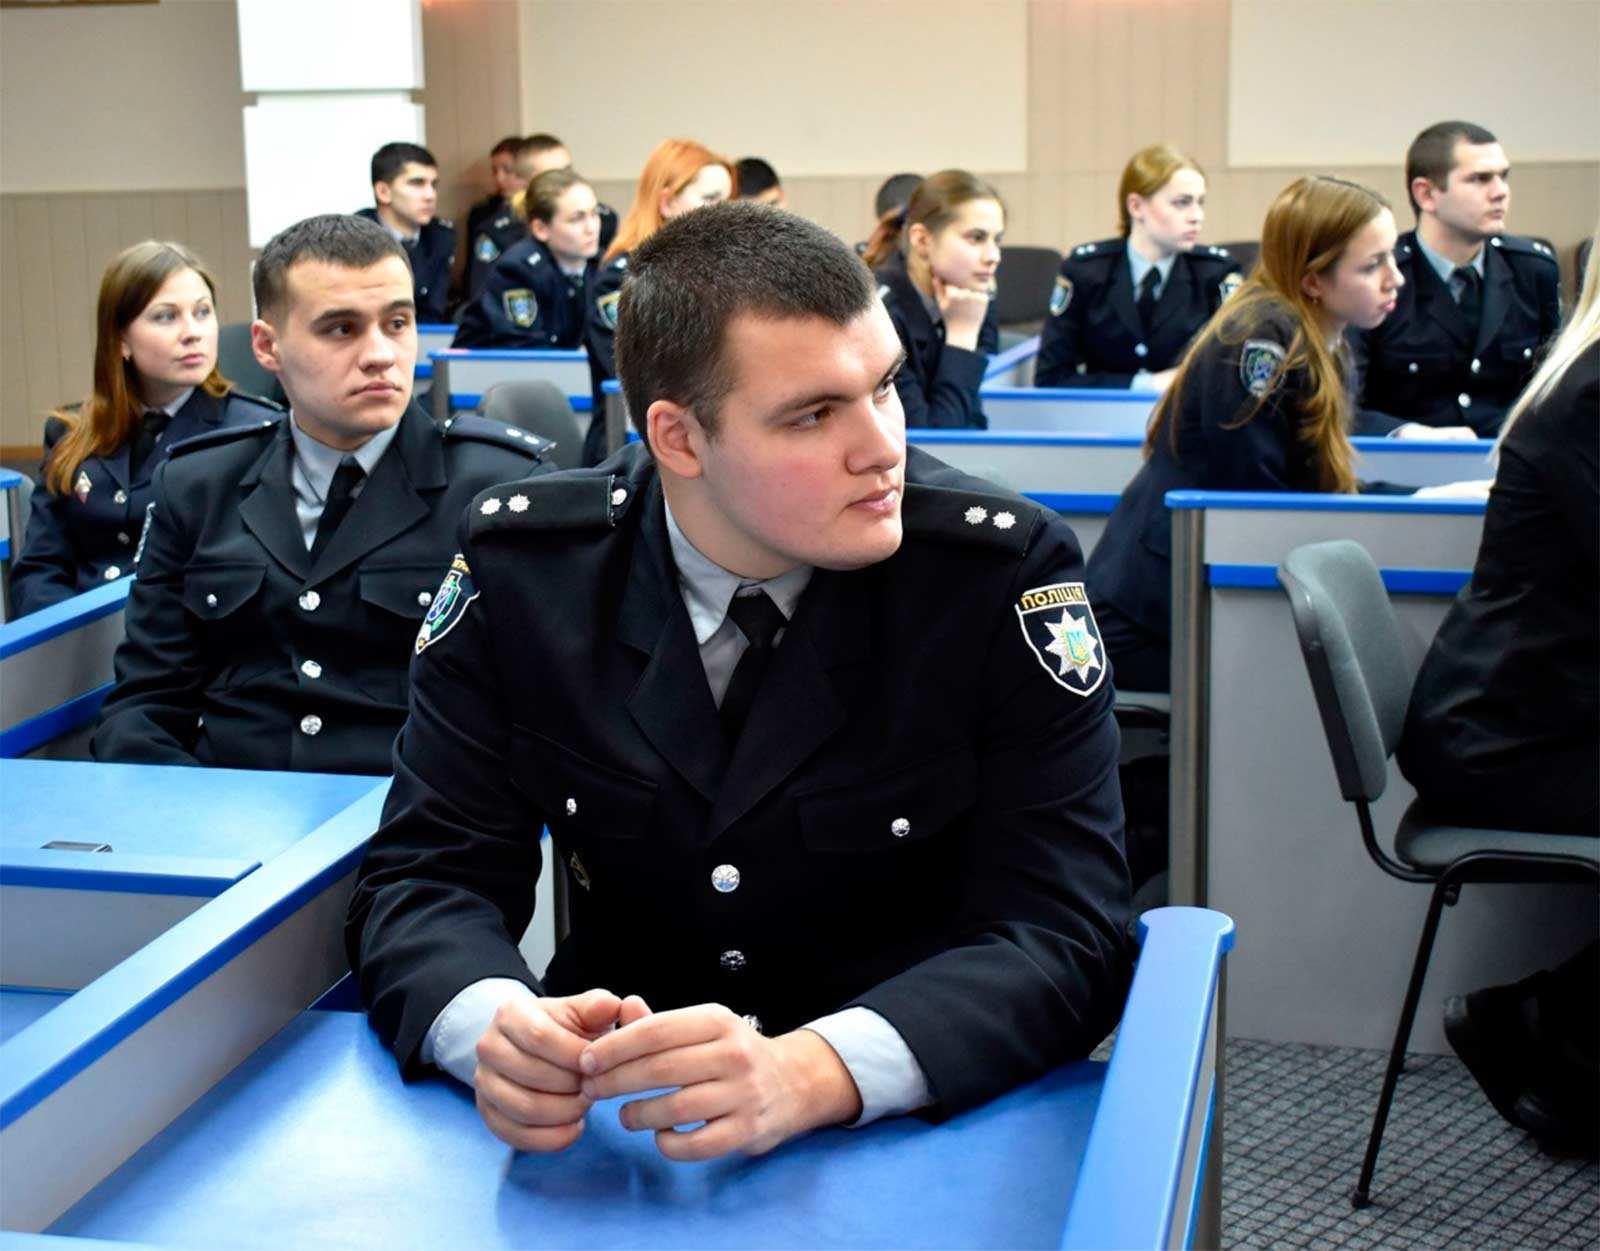 Розподіл випускників навчального закладу до територіальних органів Національної поліції України